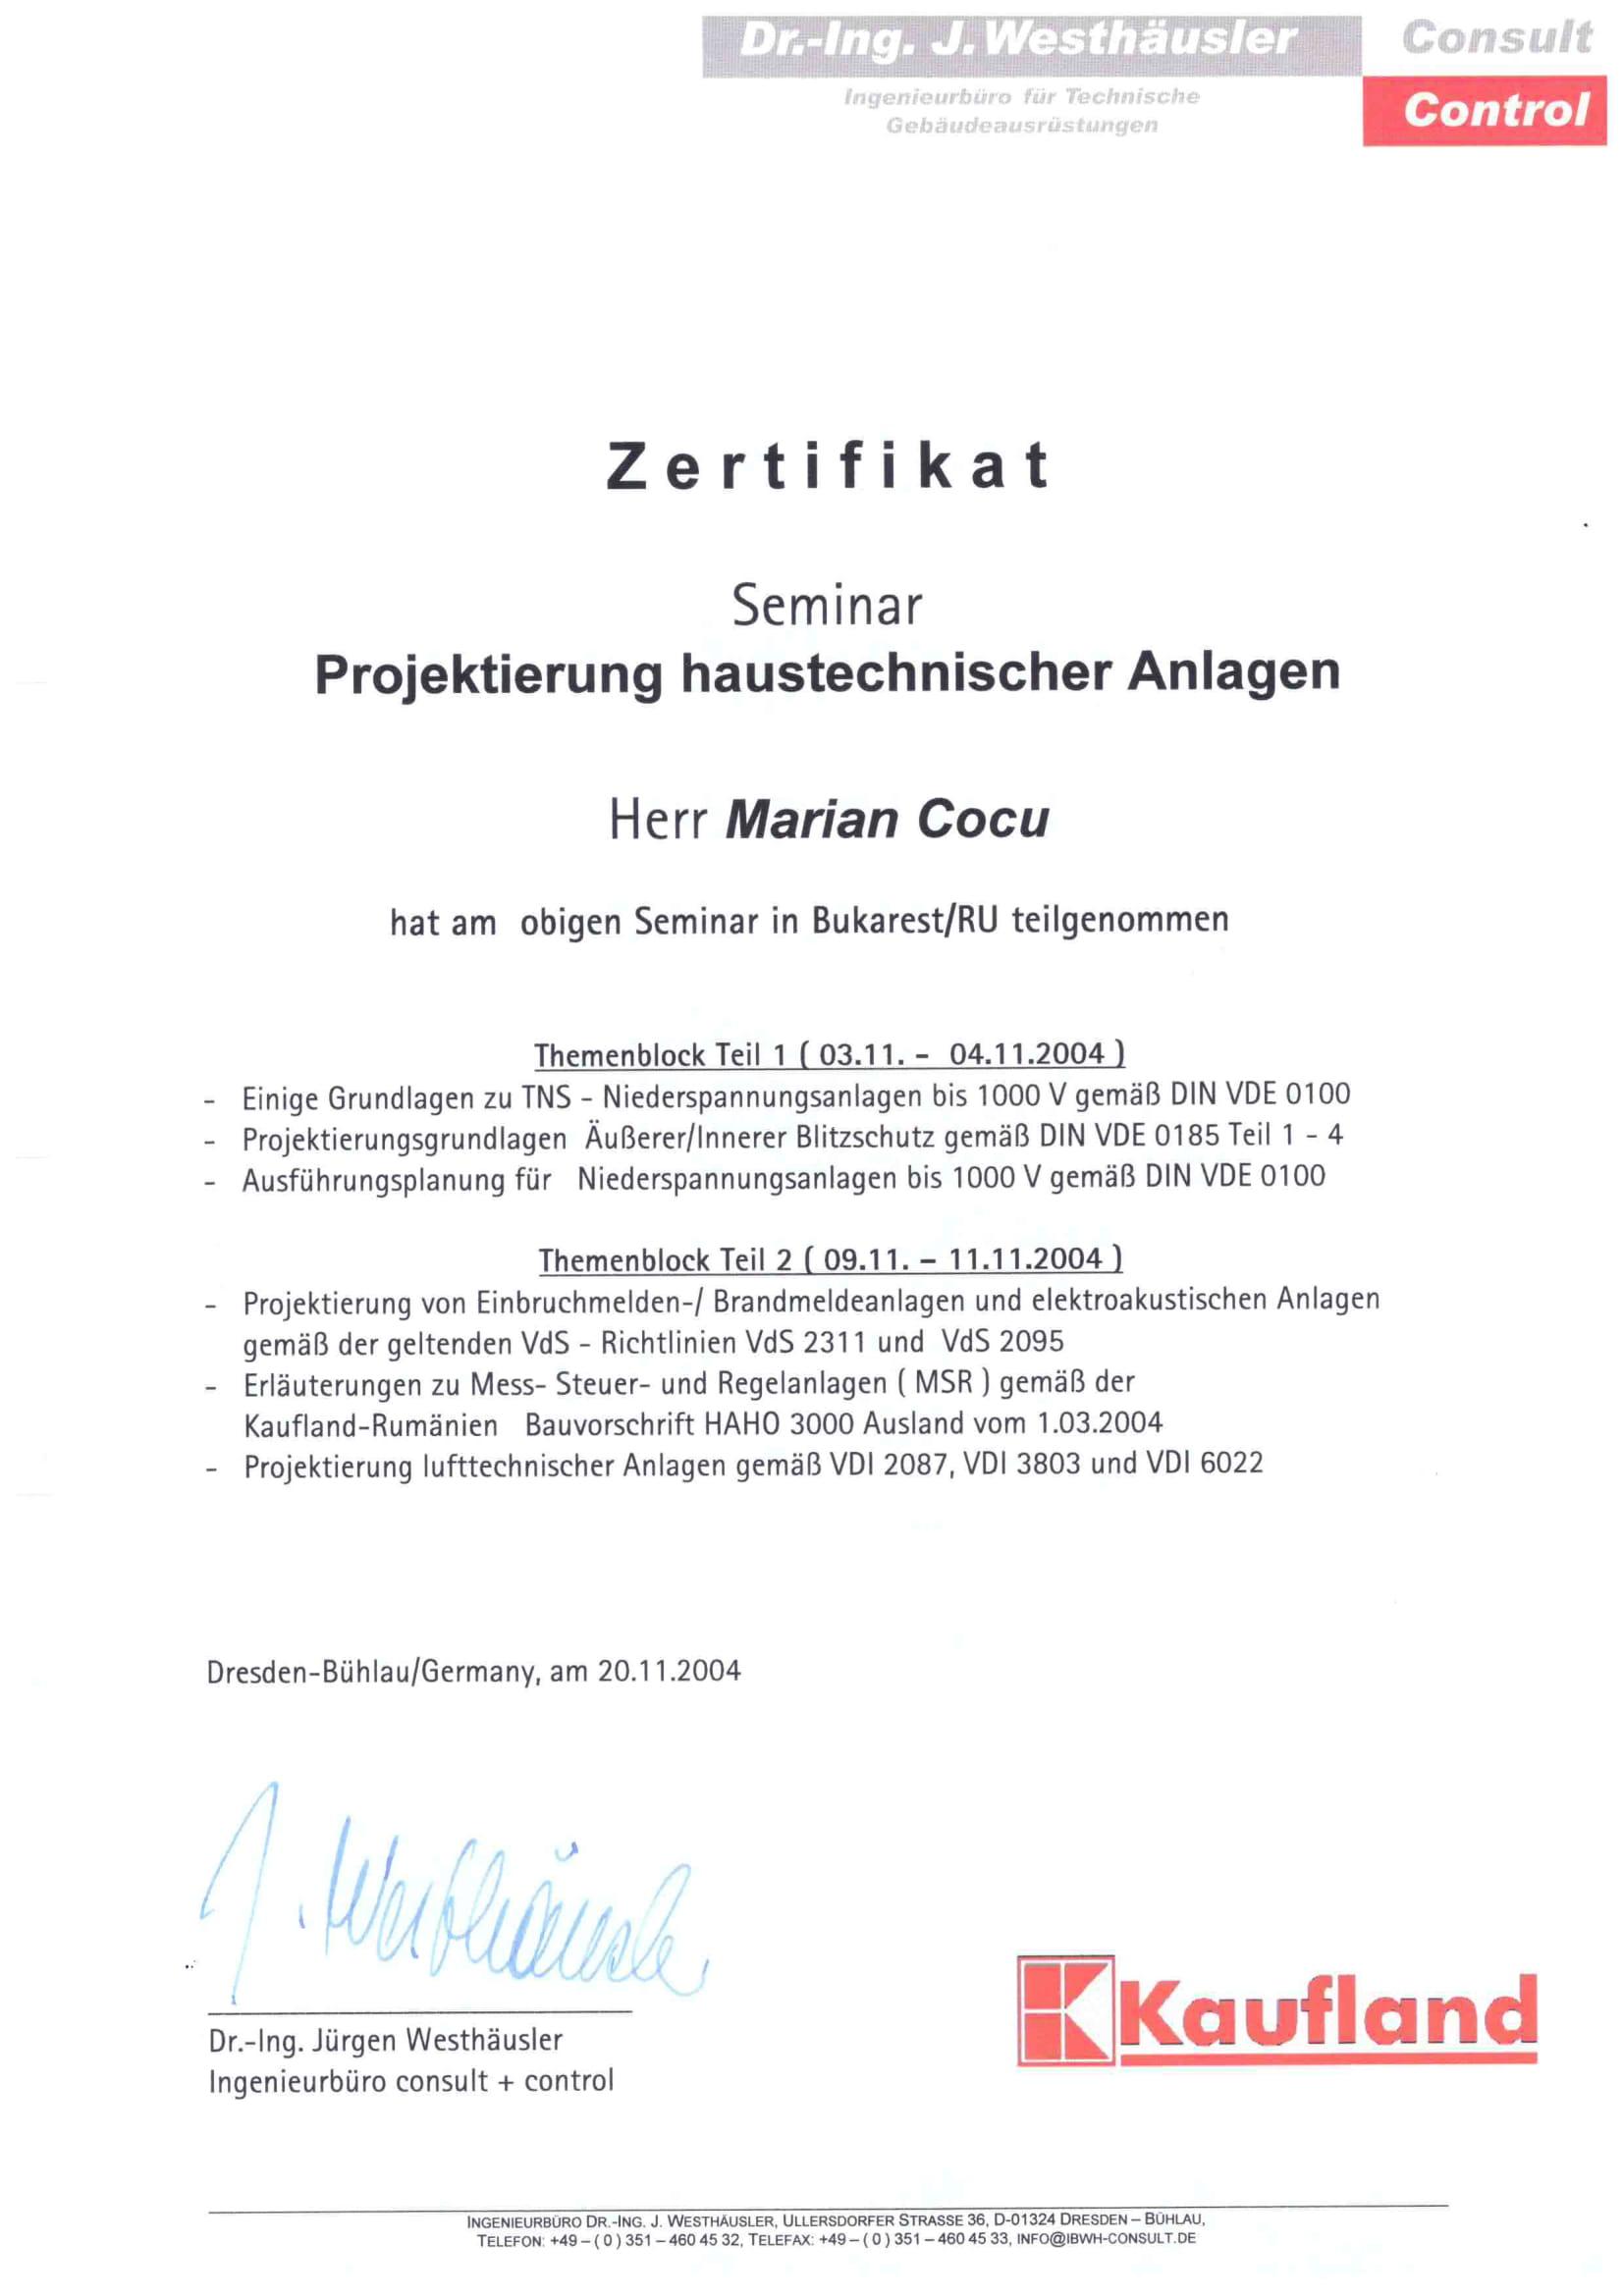 Certificat seminar Germania_COCU MARIAN